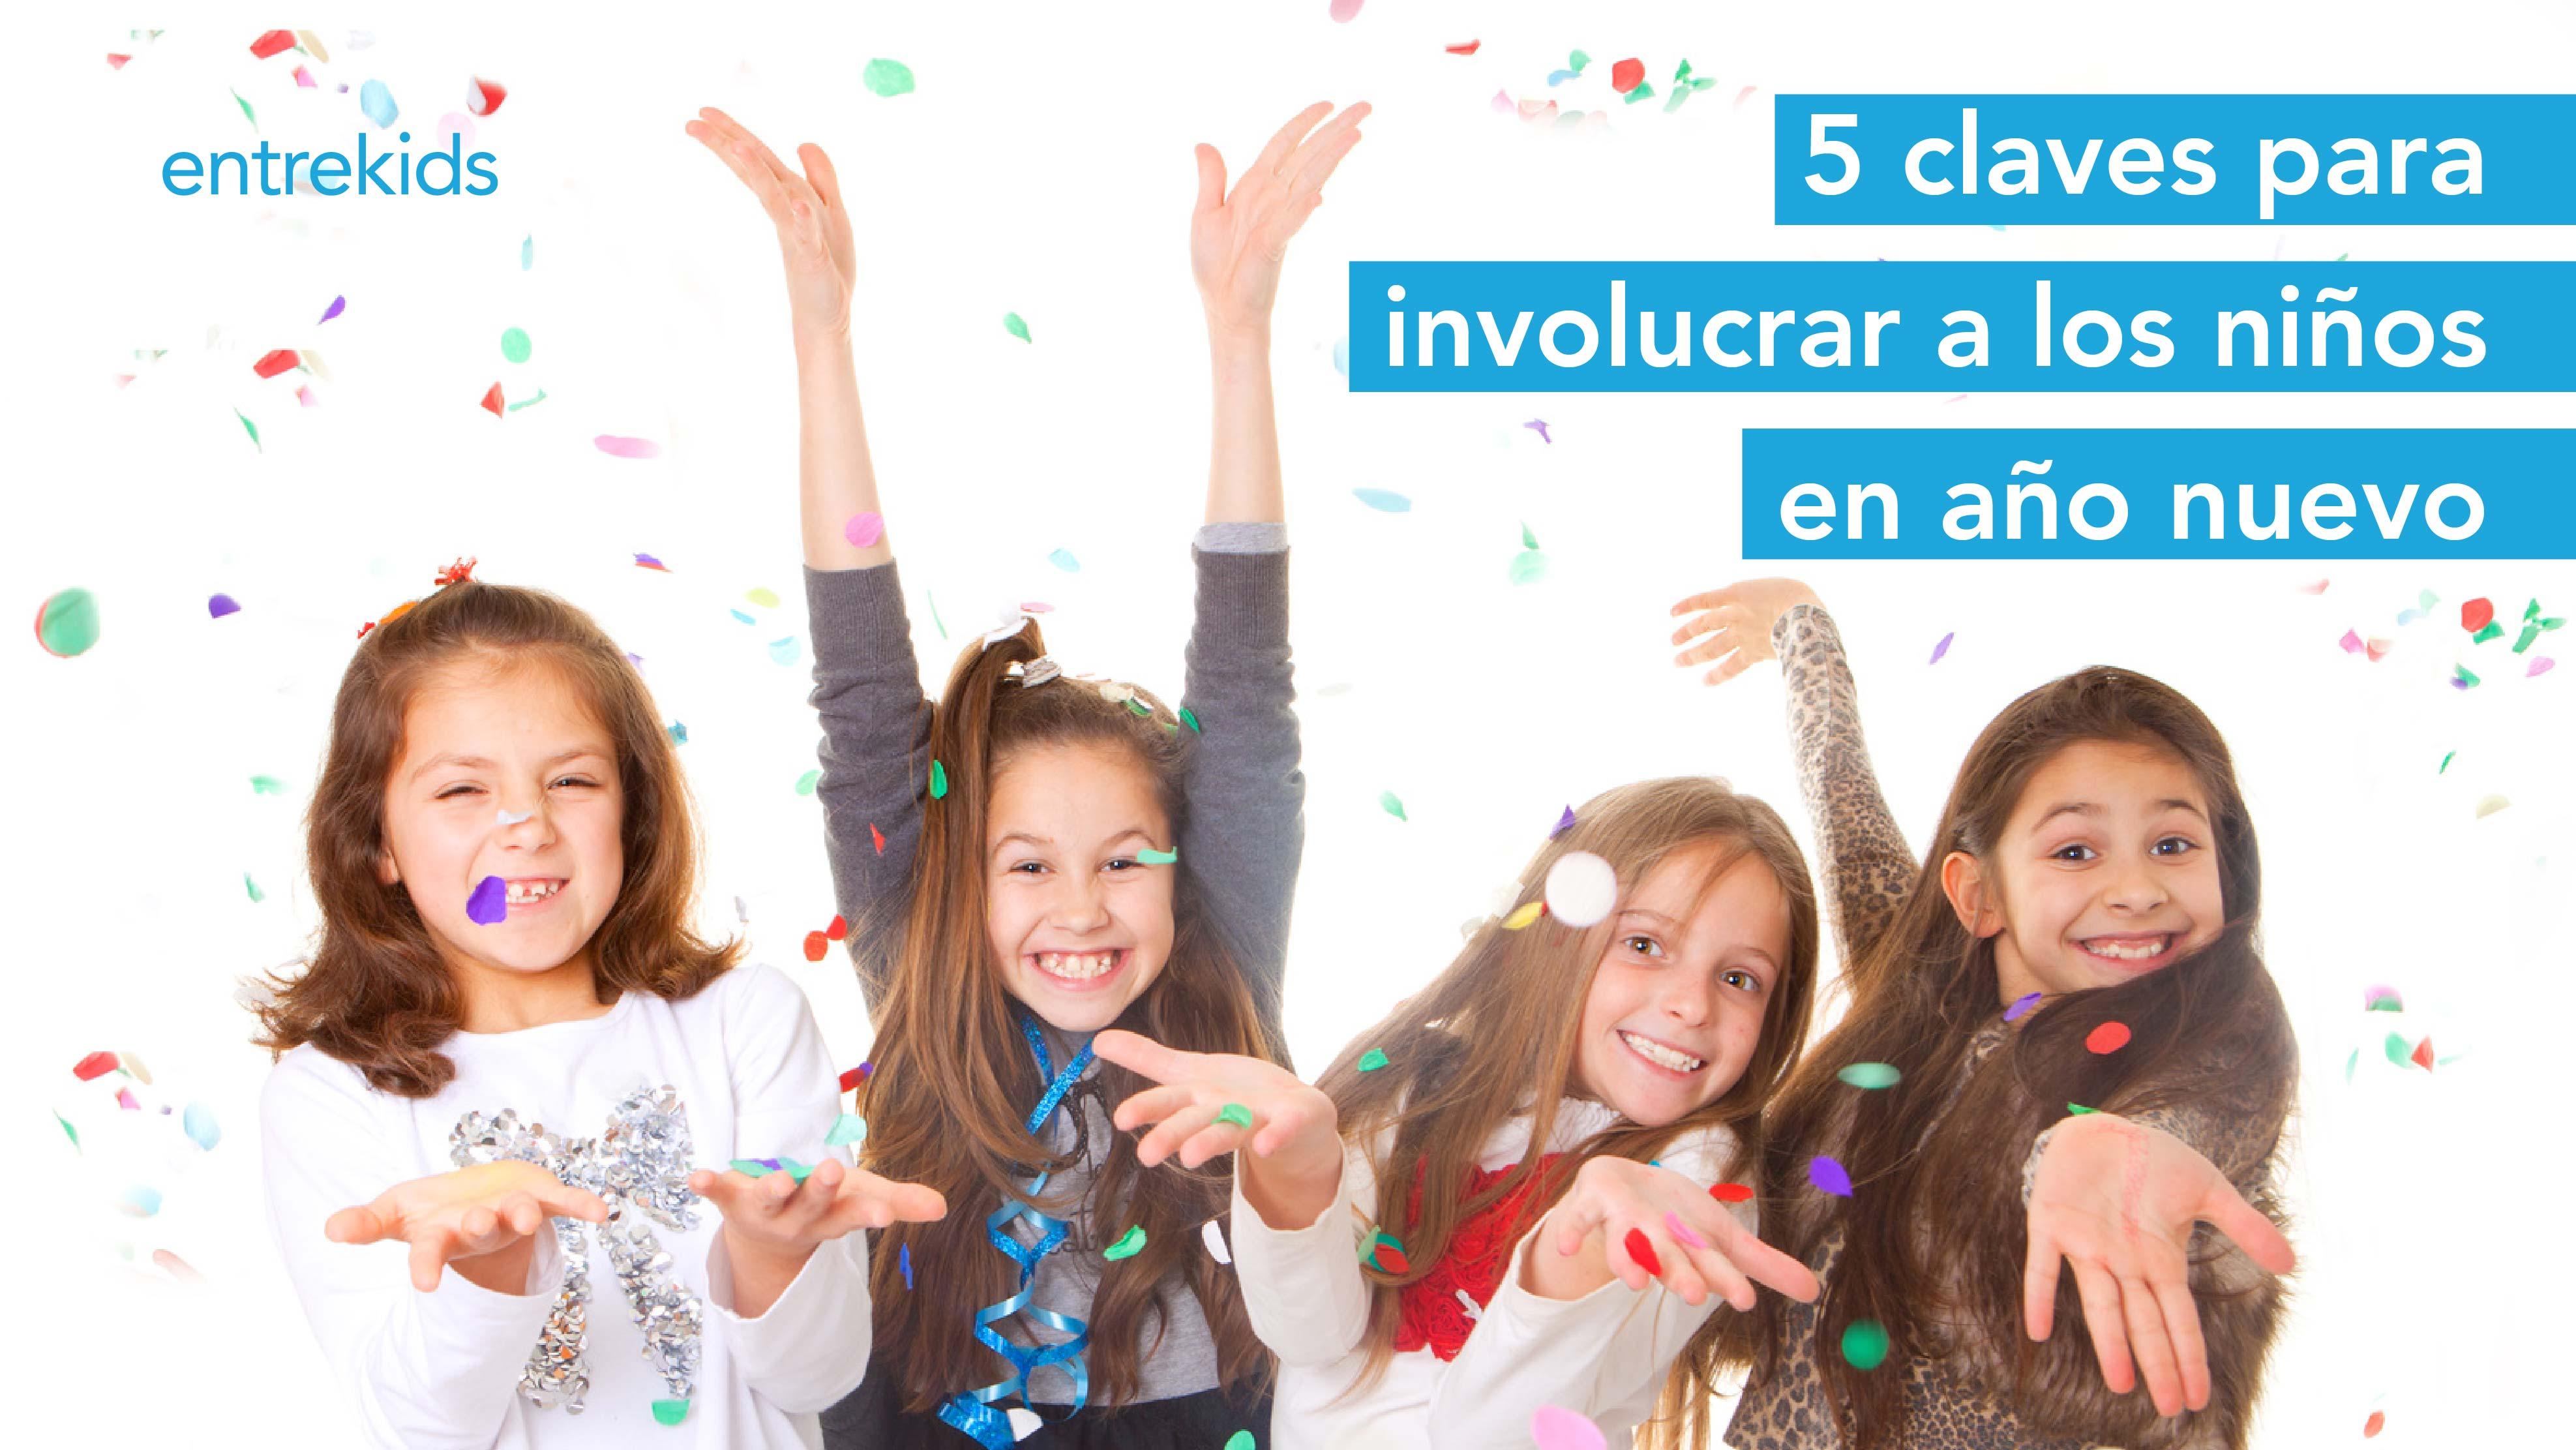 5 claves para involucrar a los niños en año nuevo